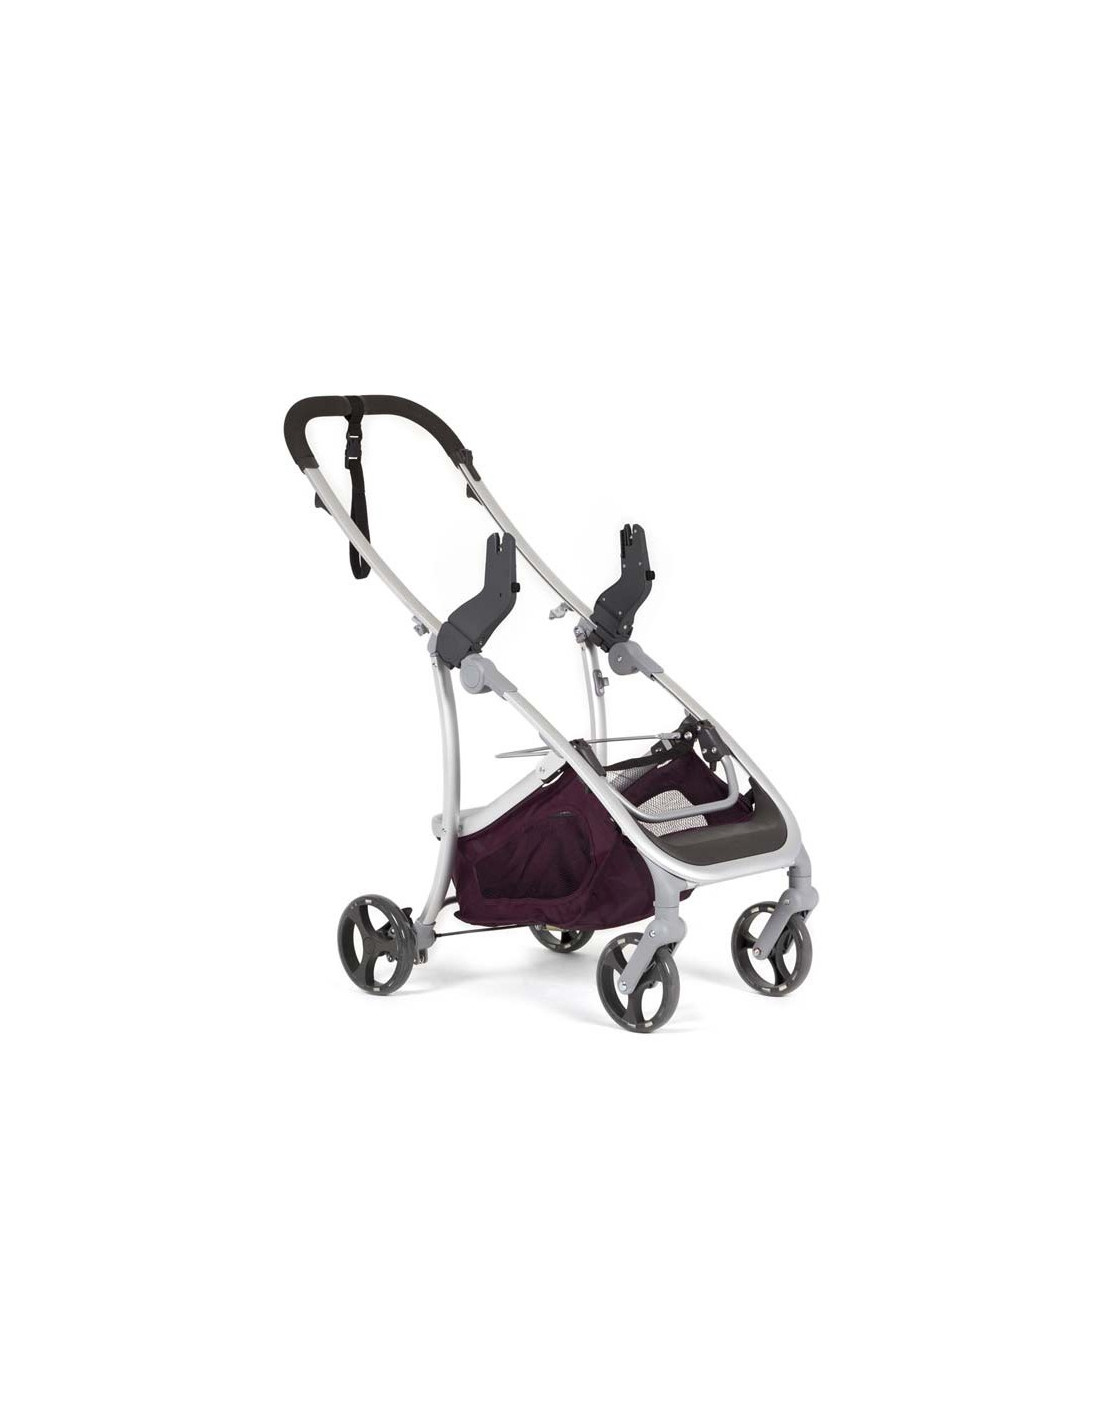 Adaptador para silla de auto egg0 en vida babyhome - Silla babyhome vida ...